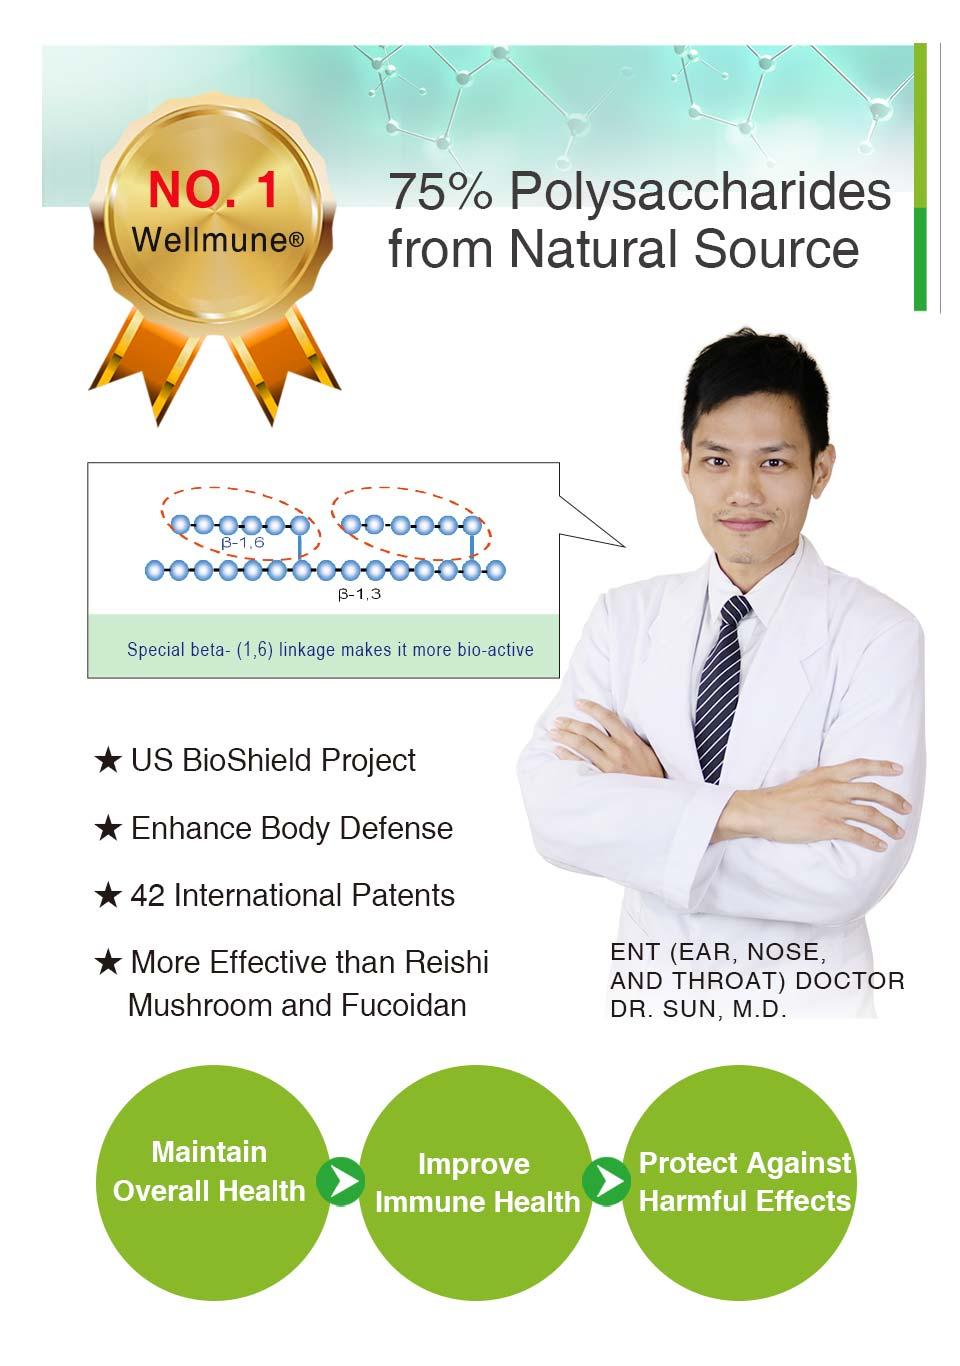 提升免疫力、幫助解毒、改善過敏